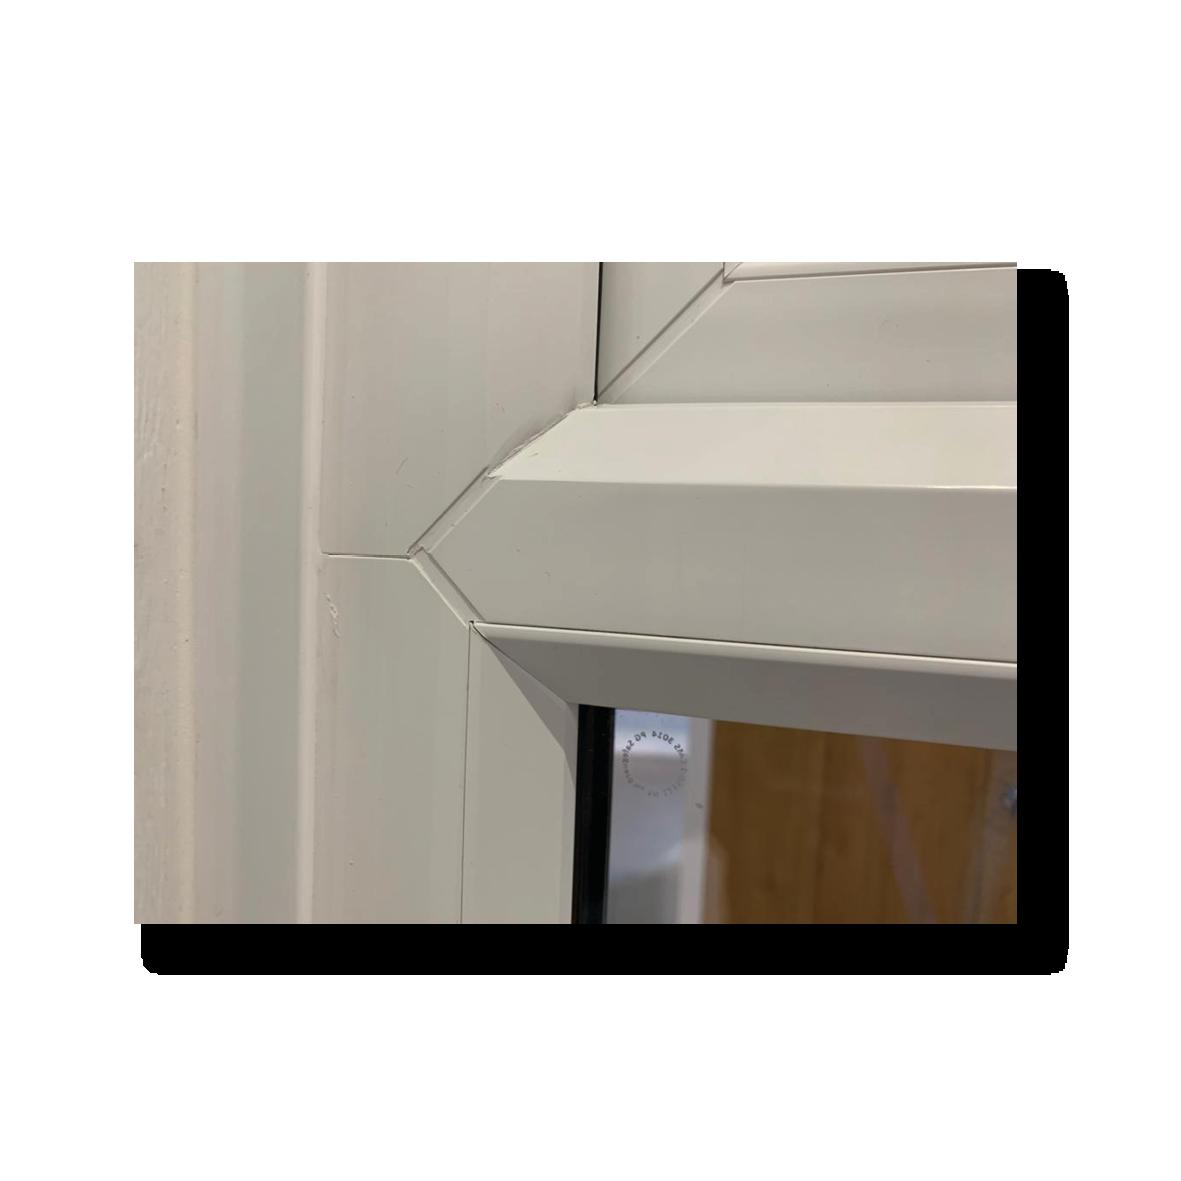 Reverse Butt Weld on Casement Windows